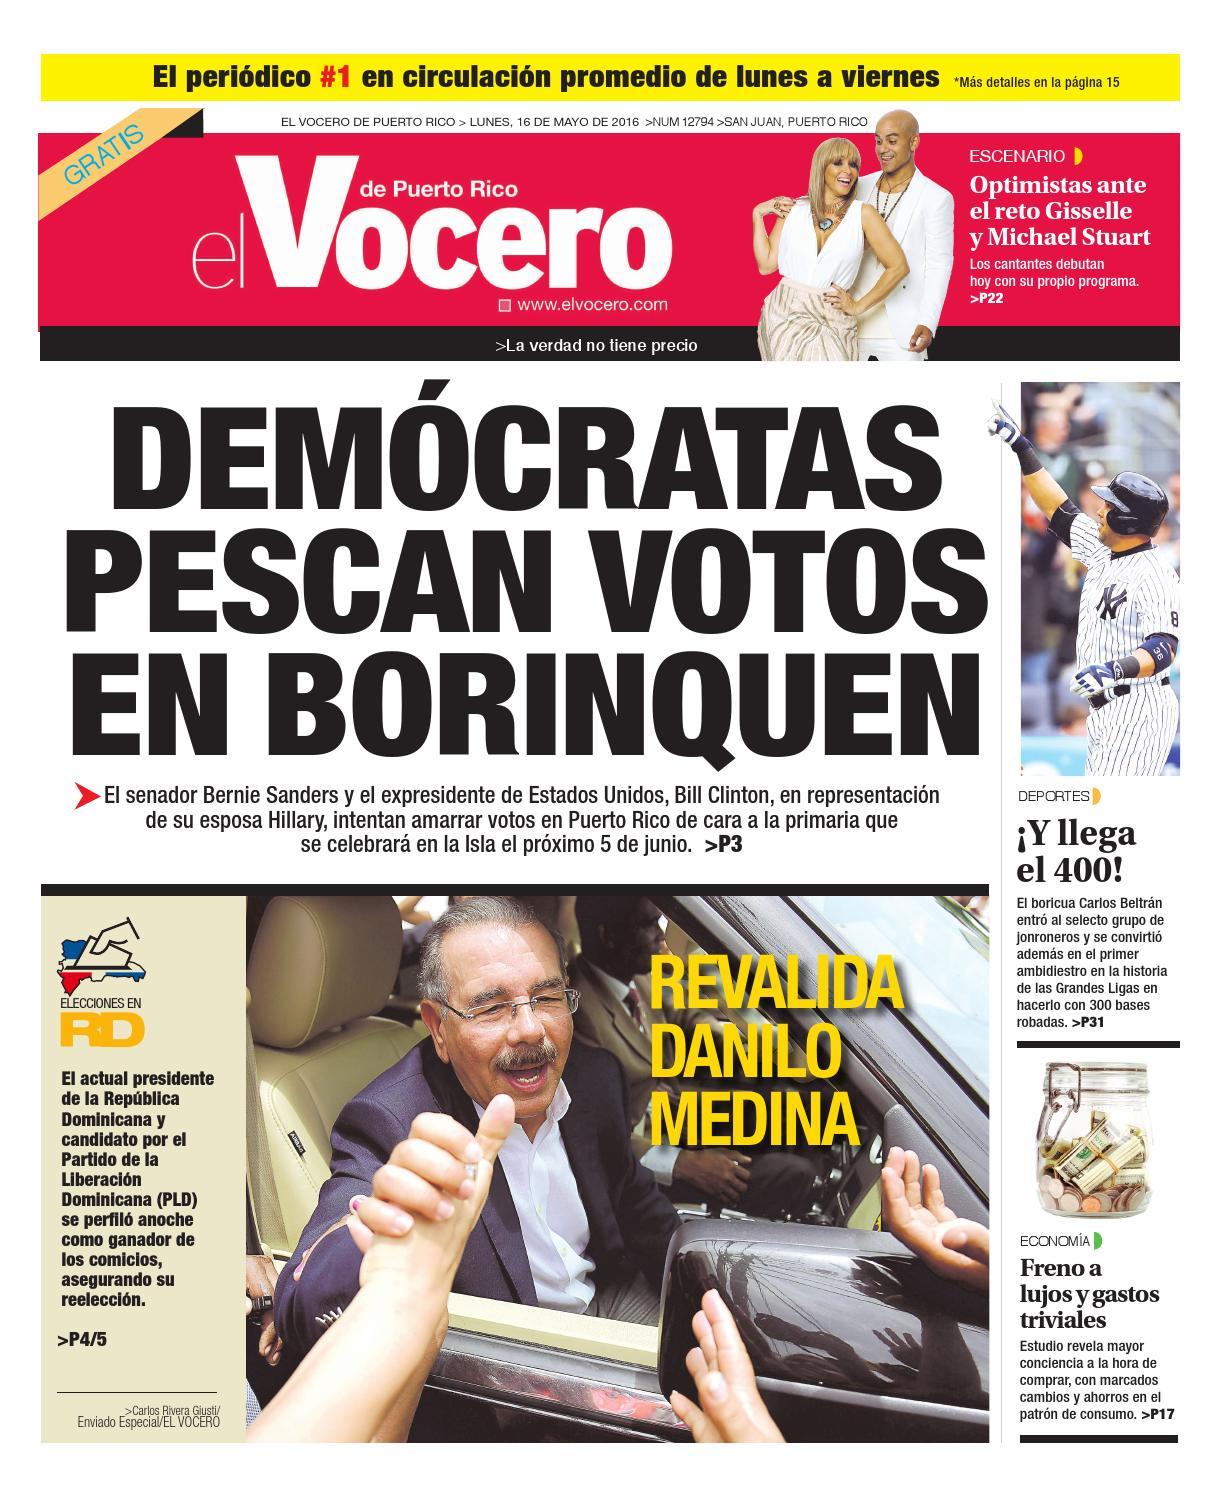 Edición 16 de Mayo 2016 by El Vocero de Puerto Rico - issuu 614e05ae6cc